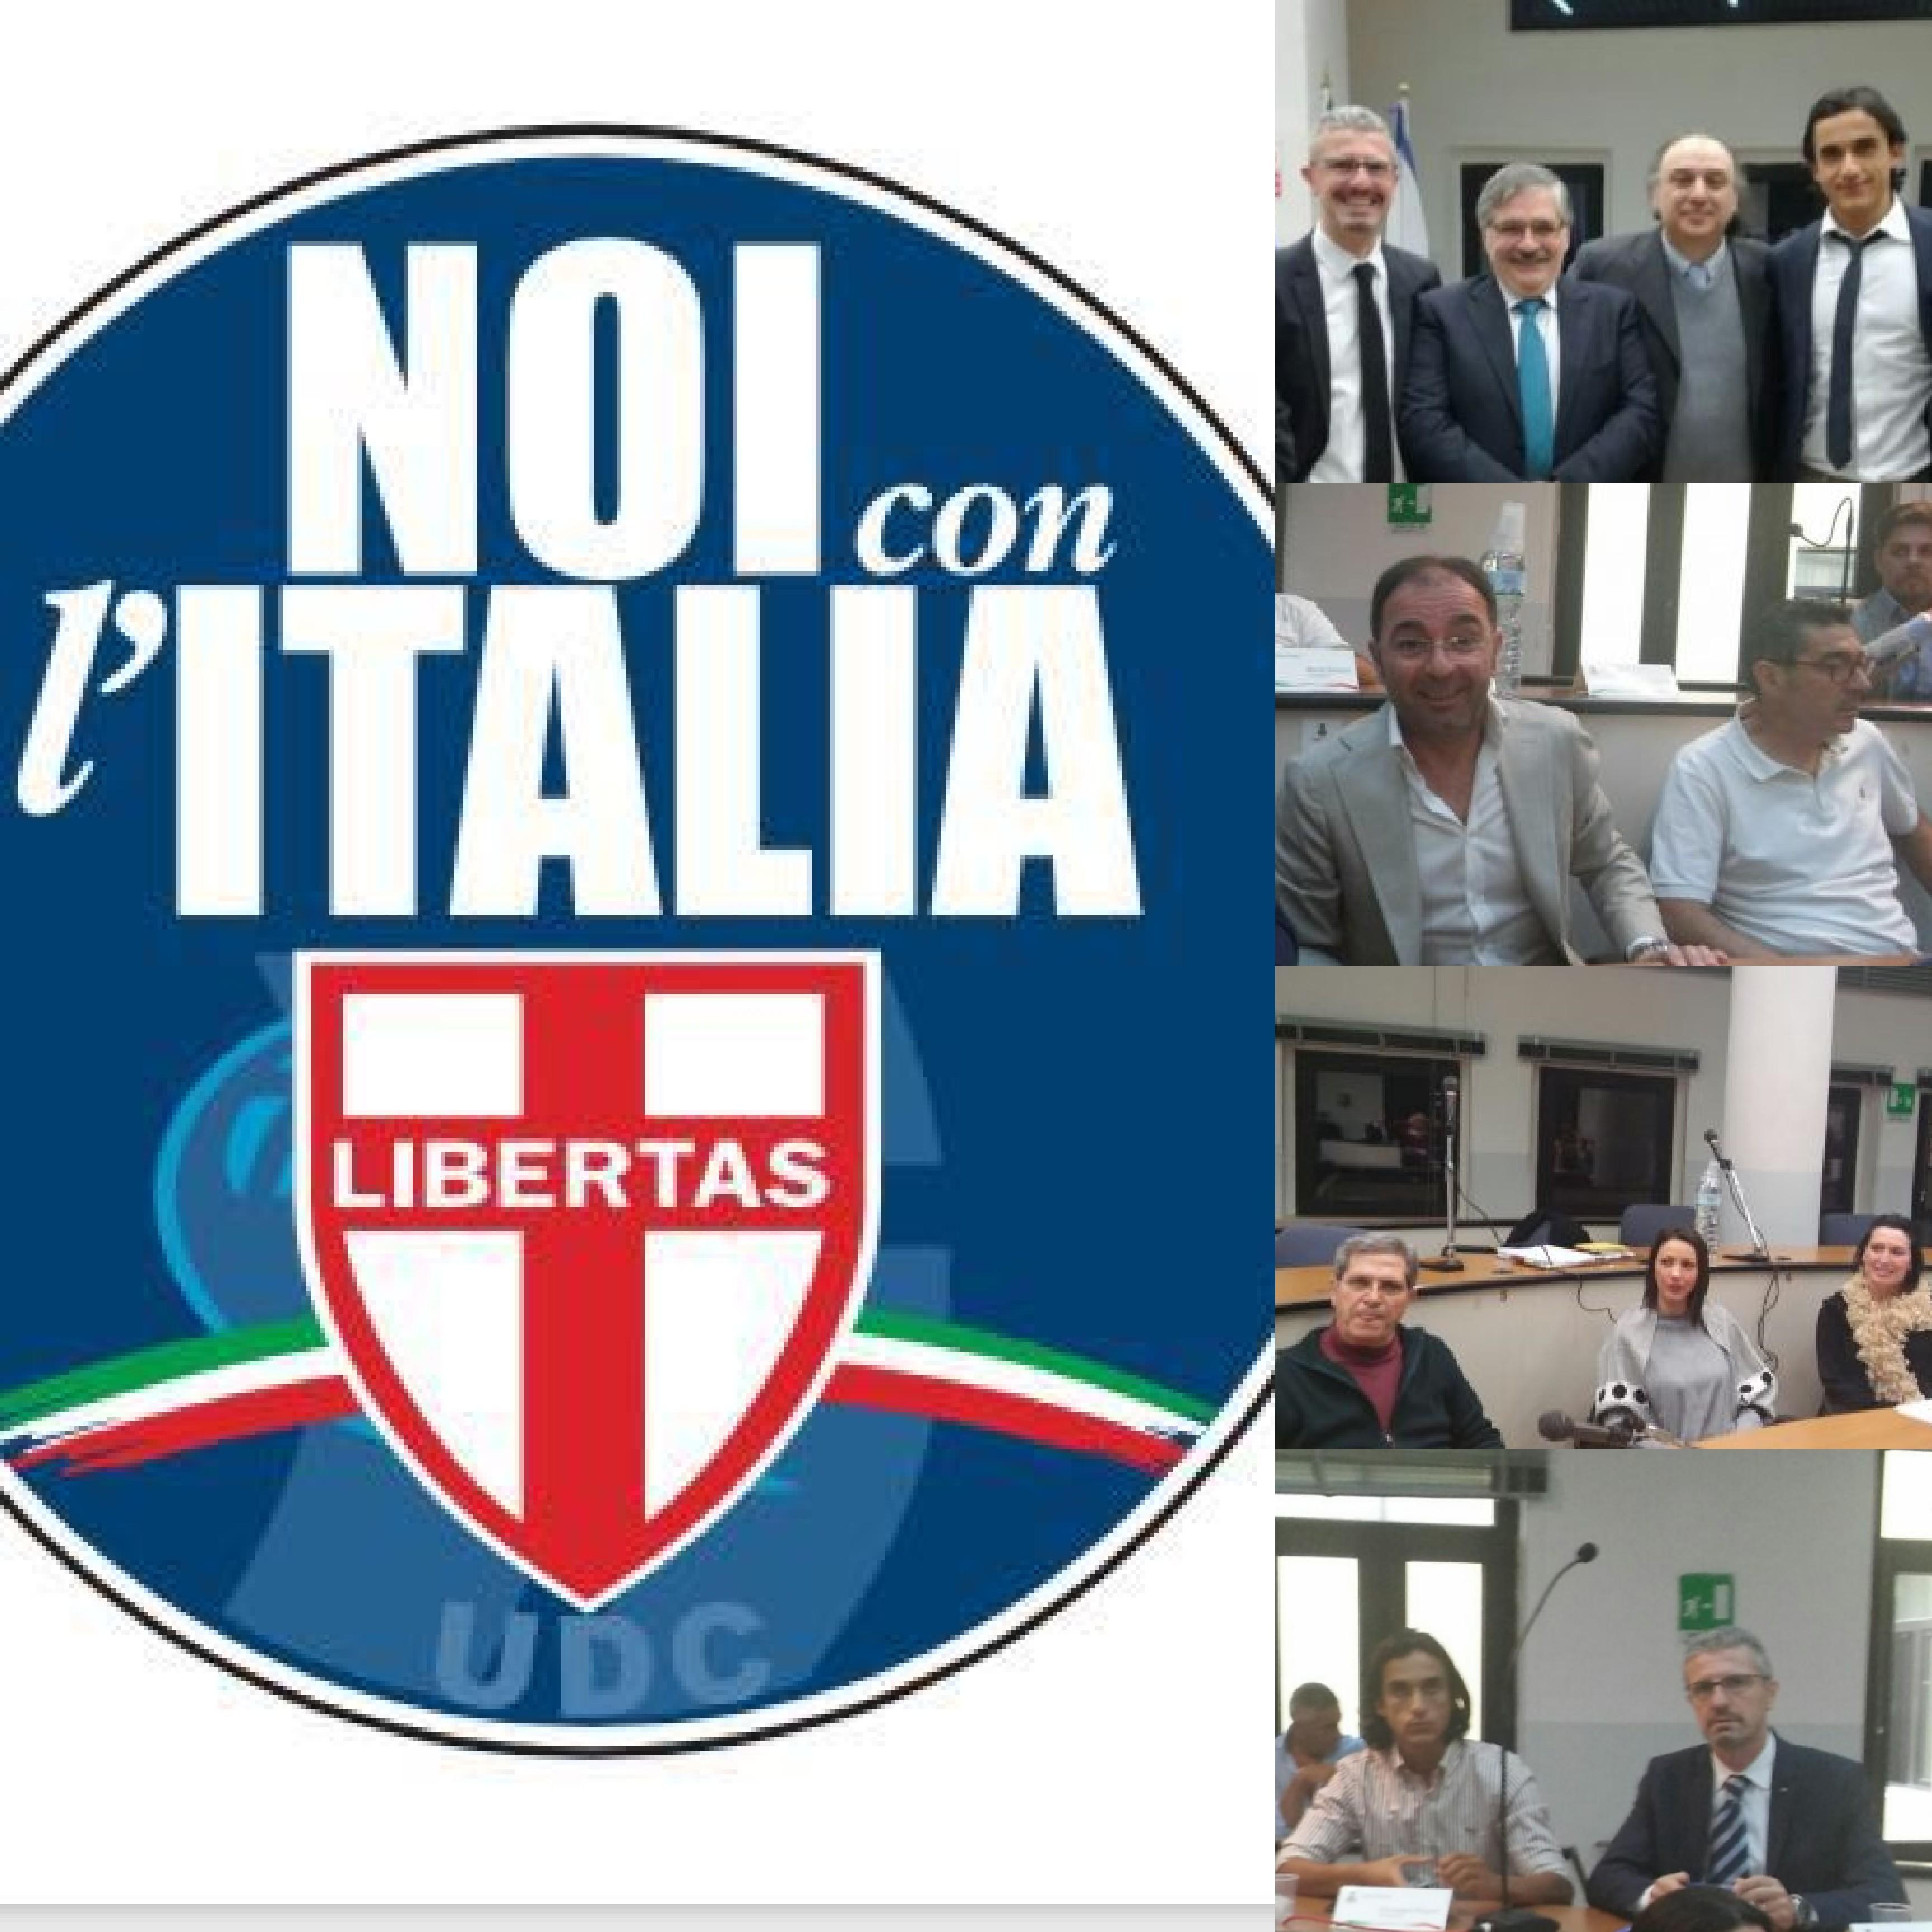 UDC-Noi con l'Italia-Guarracino-Marchesano-Di Benedetto-Piegari-Masala-Grasso